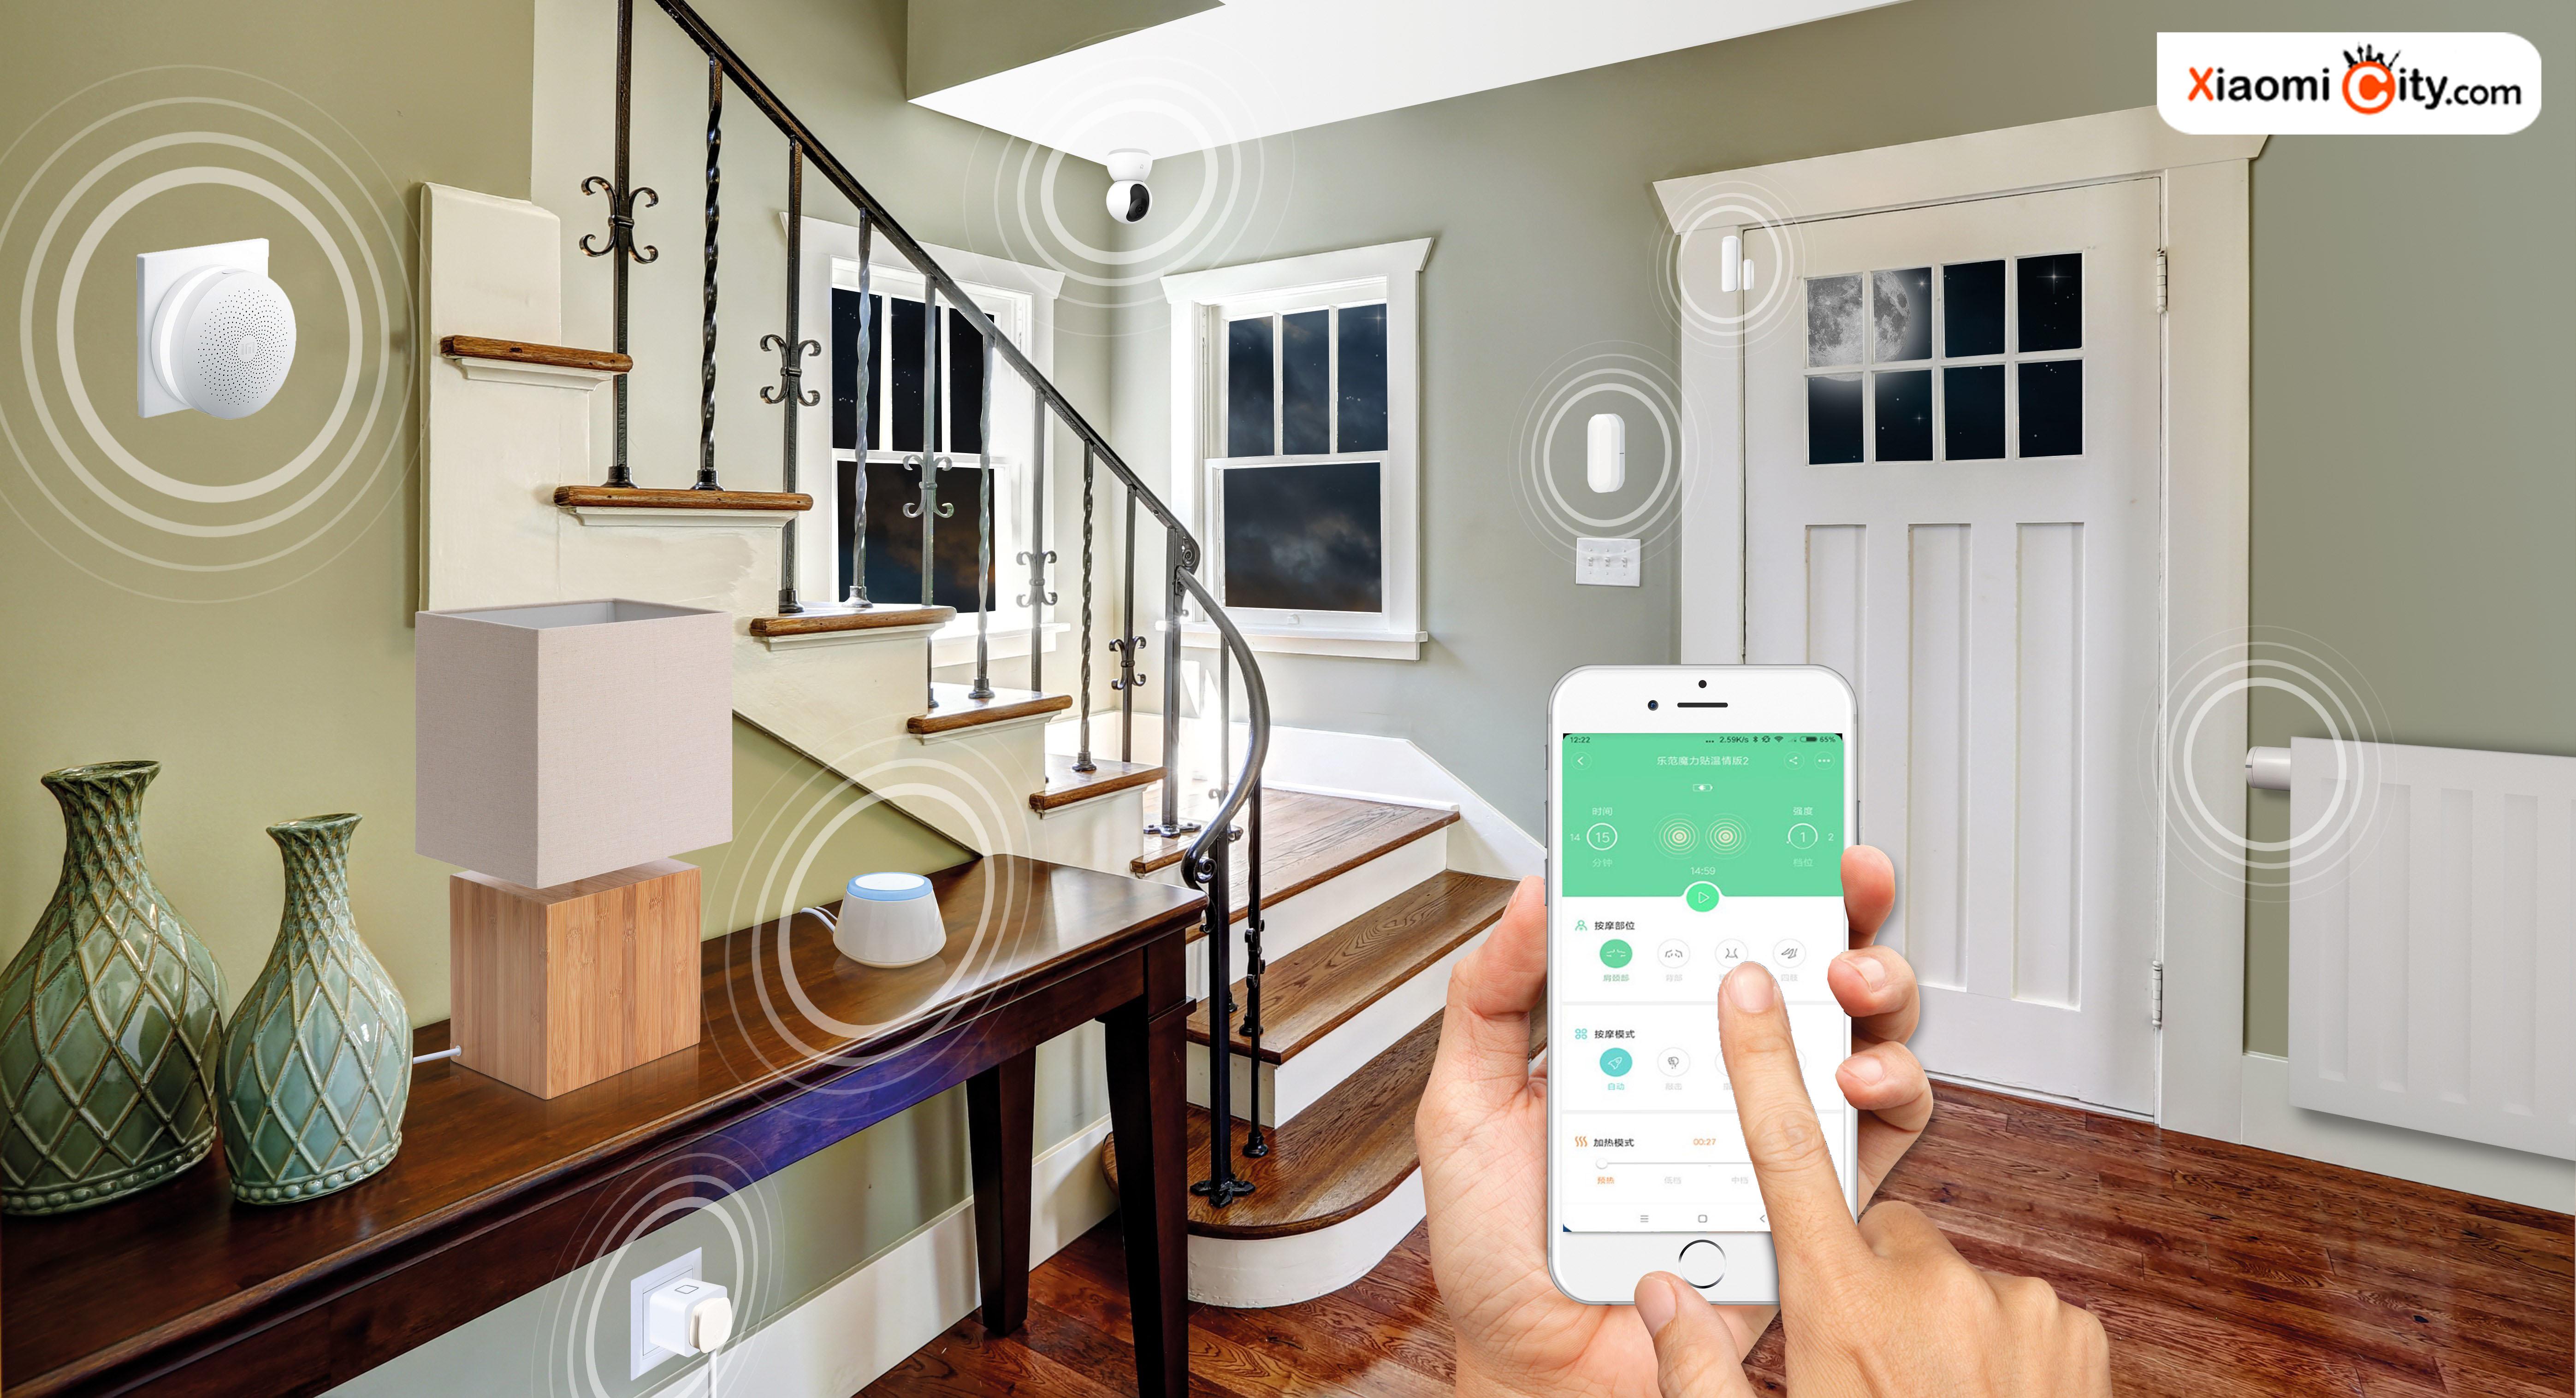 هر آنچه برای ایجاد یک خانه هوشمند نیاز دارید!